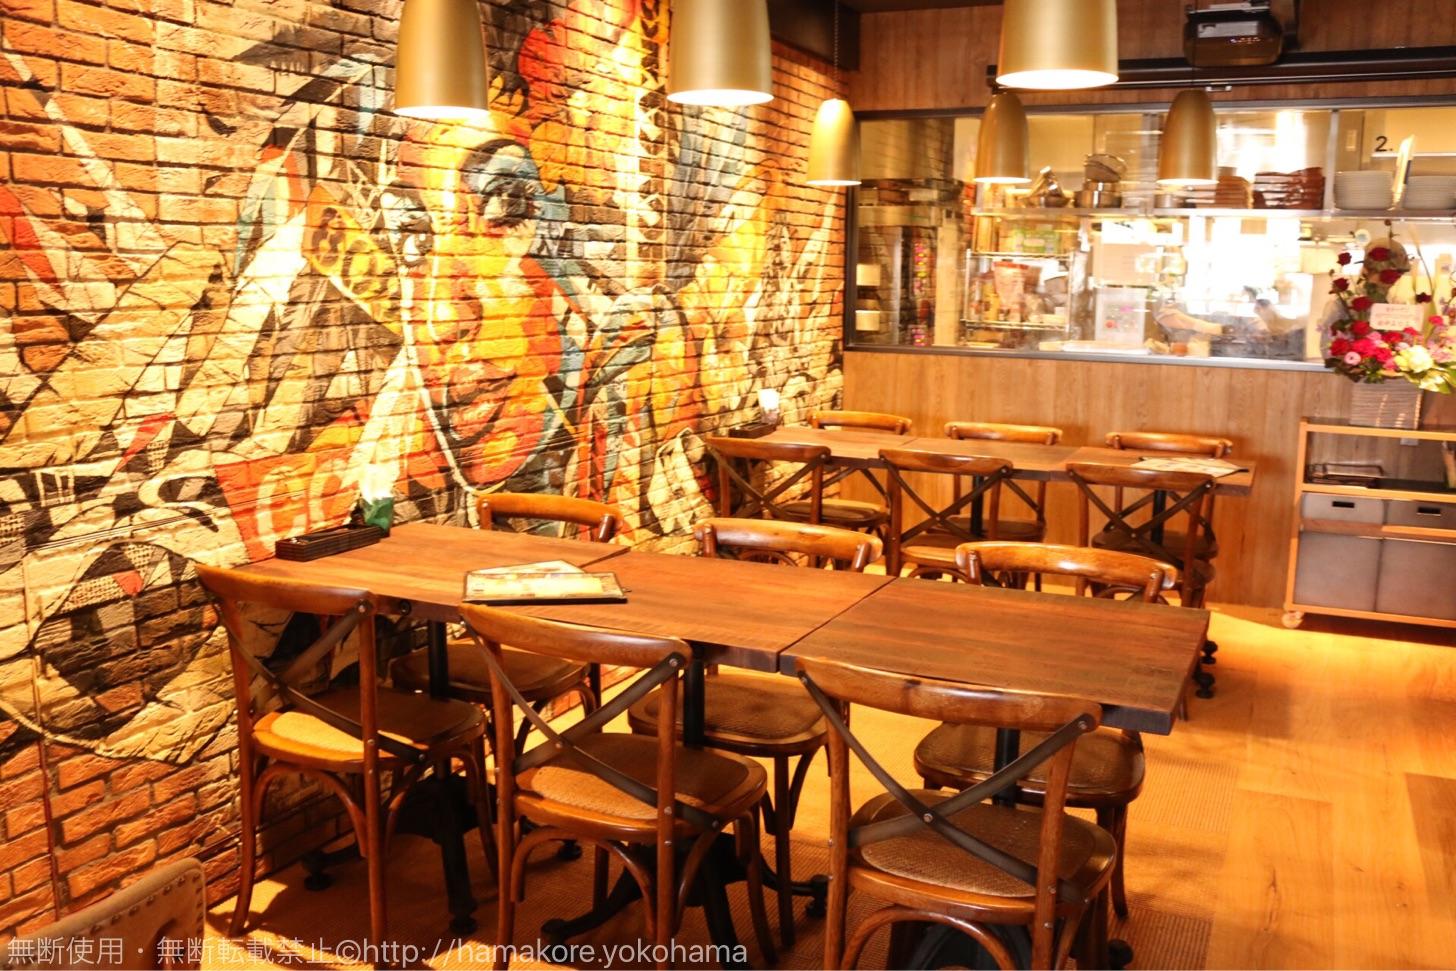 カカアコ DINING & CAFE カメハメハベーカリー 店内